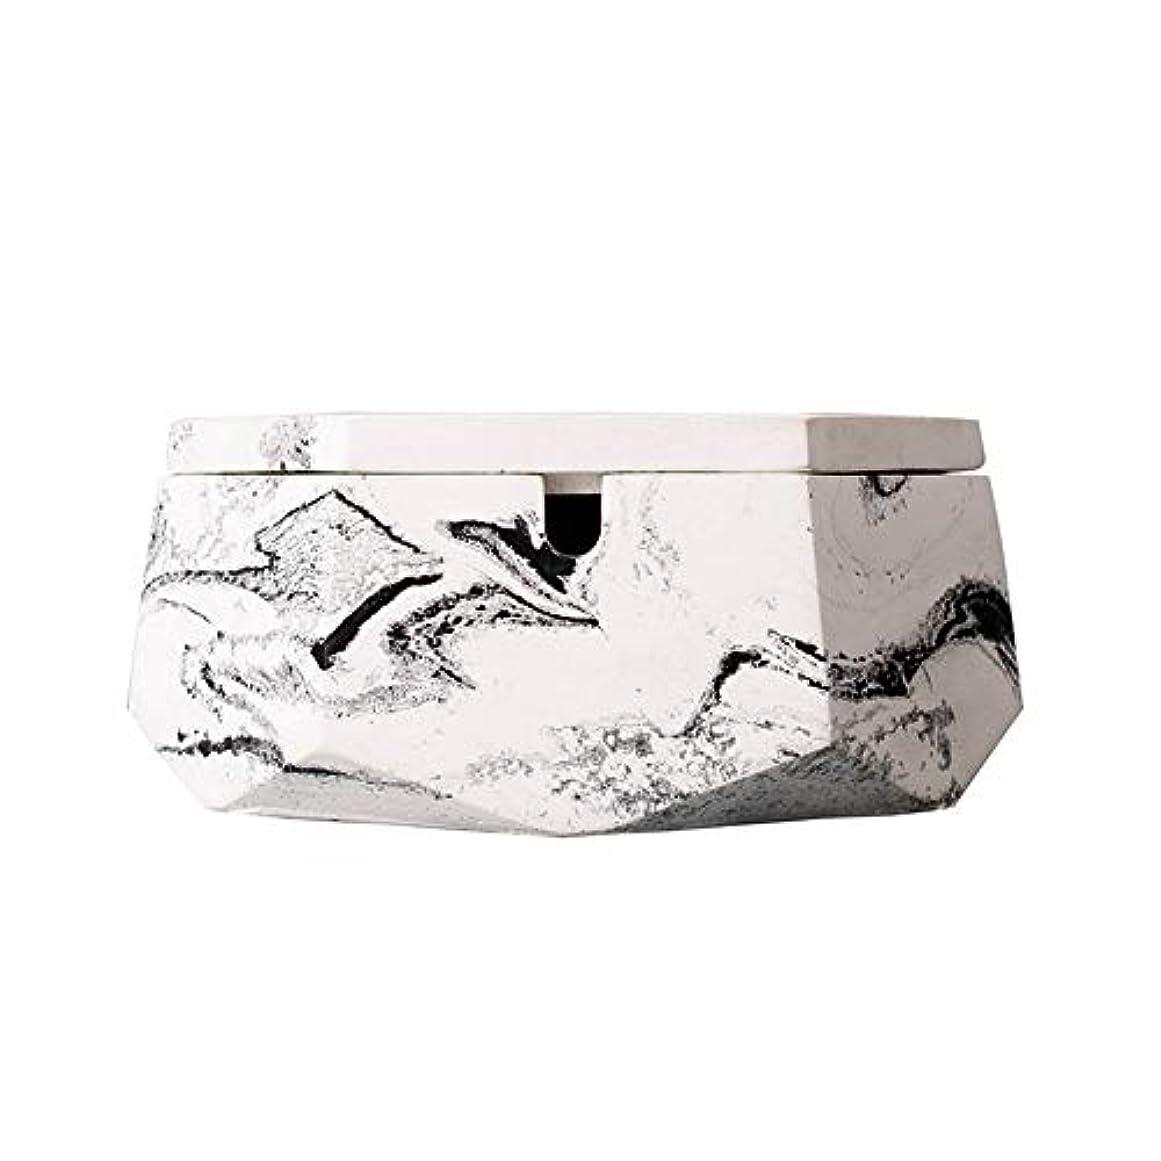 似ている誤慢性的灰皿、ふたが付いている新しさのステンレス鋼の現代卓上灰皿、屋内または屋外での使用のためのタバコの灰皿、喫煙者のための灰ホルダー、ホームオフィスの装飾のためのデスクトップの喫煙灰皿